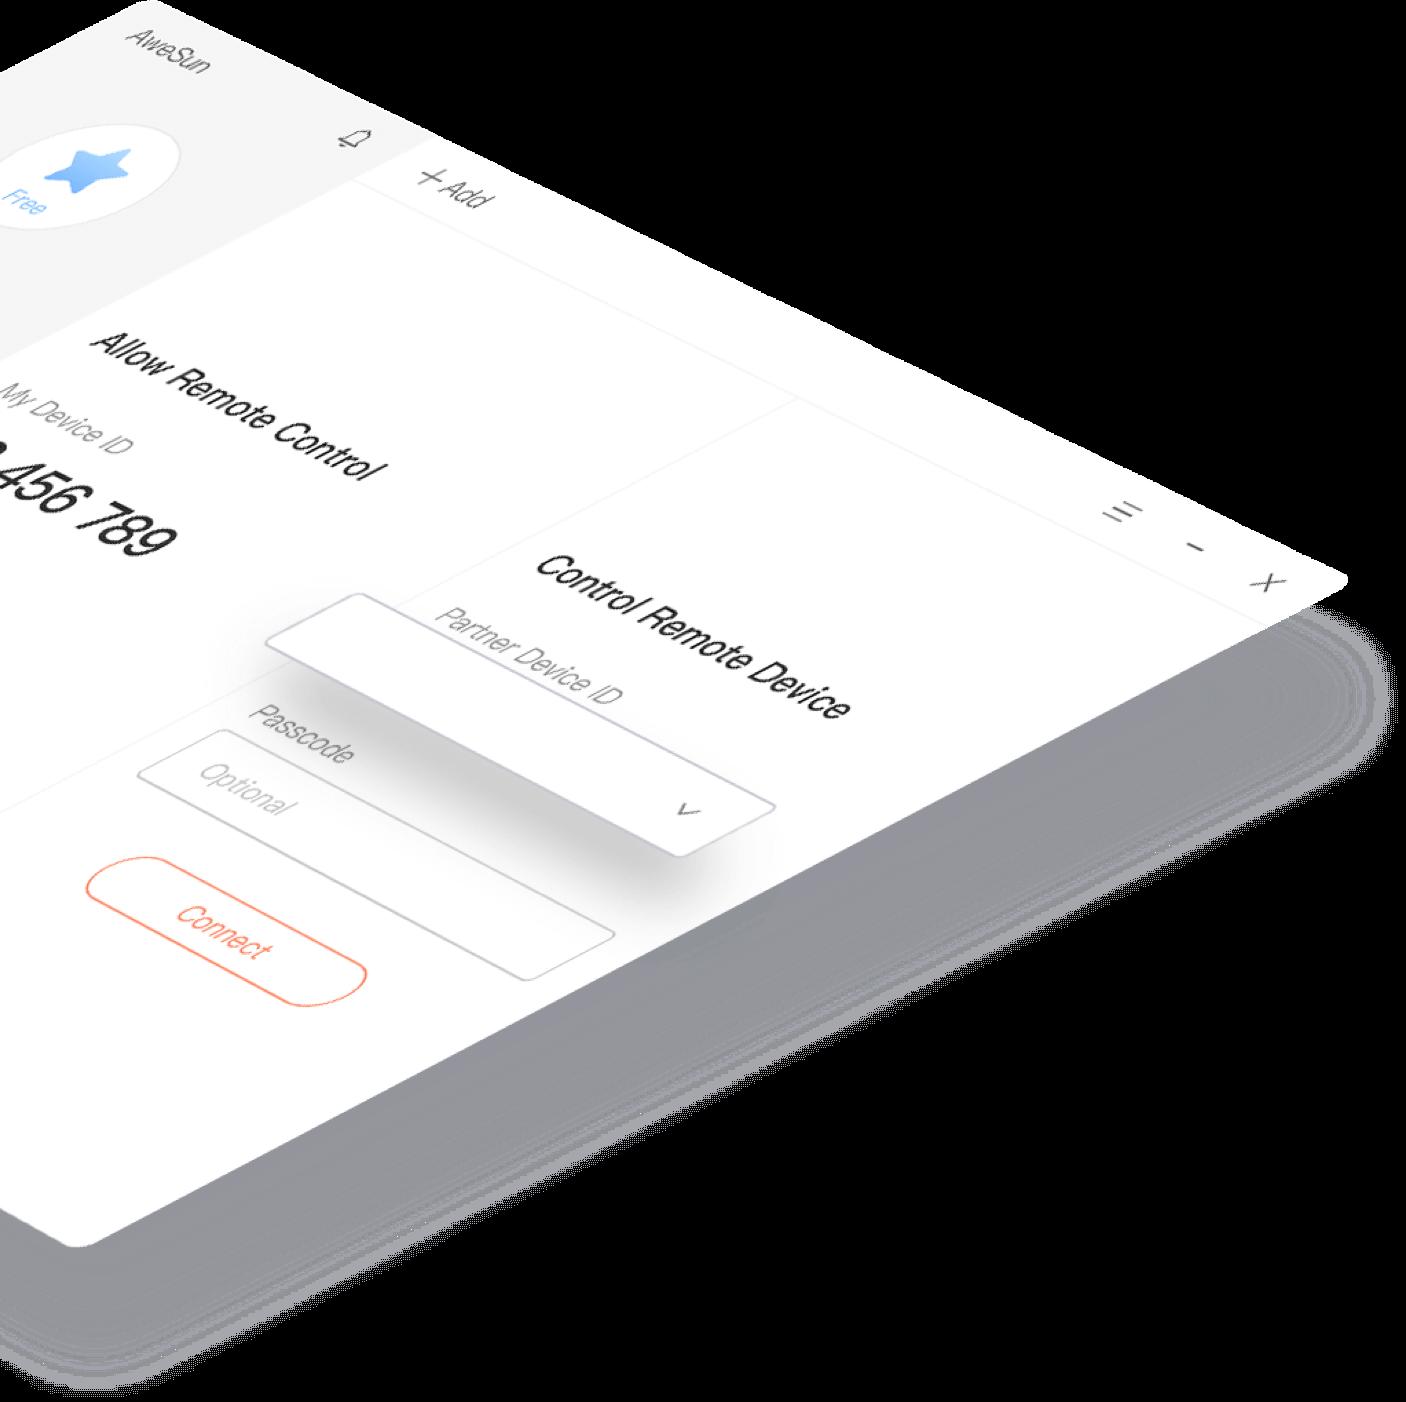 AweSun Remote Desktop Software